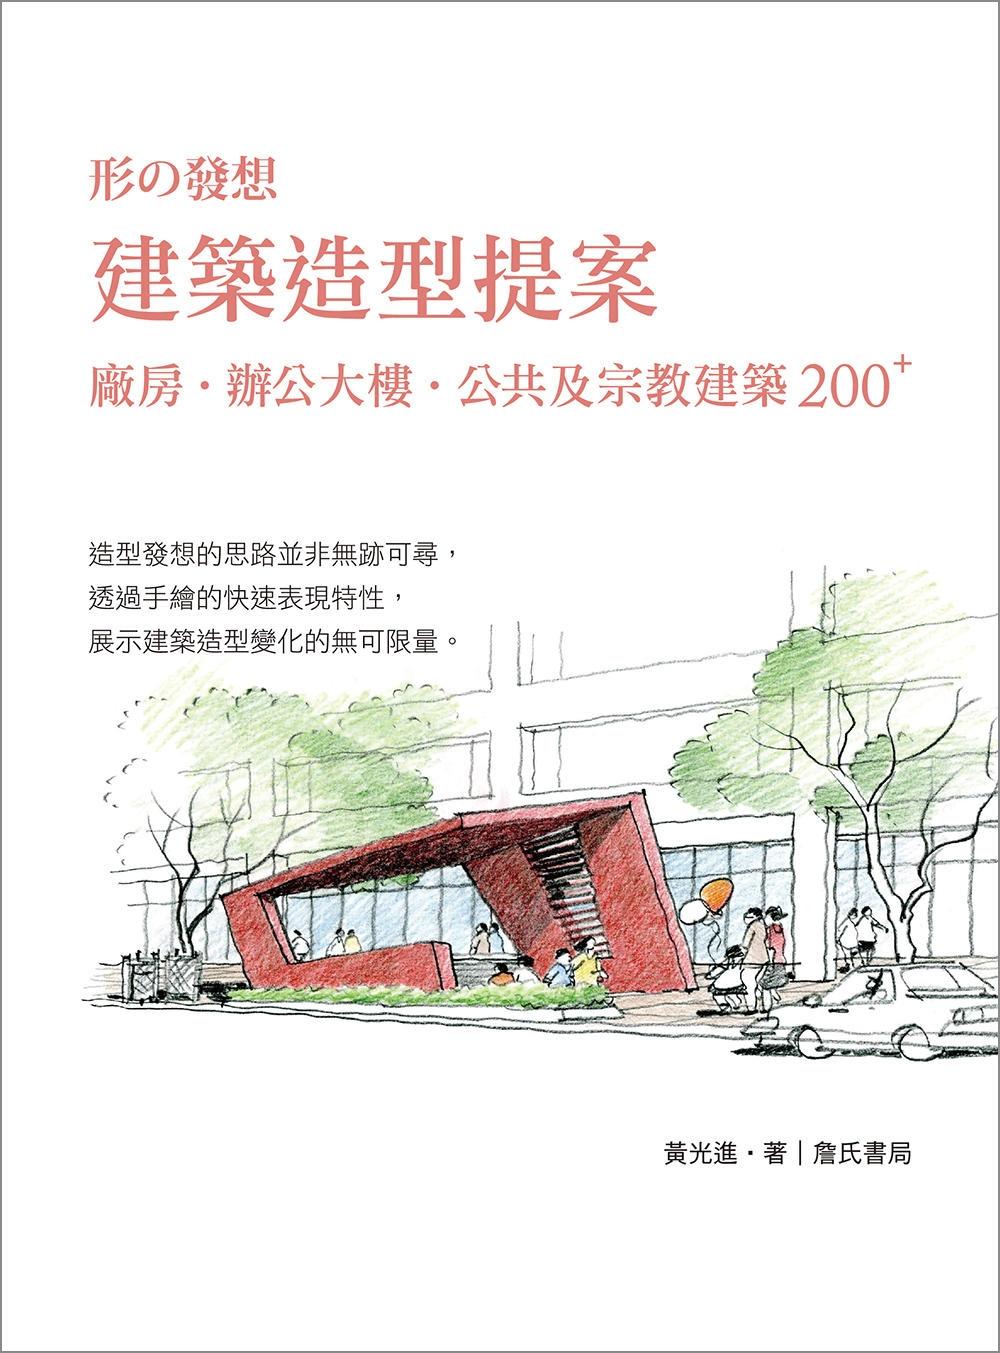 建築造型提案:廠房、辦公大樓、公共及宗教建築 200 PLUS